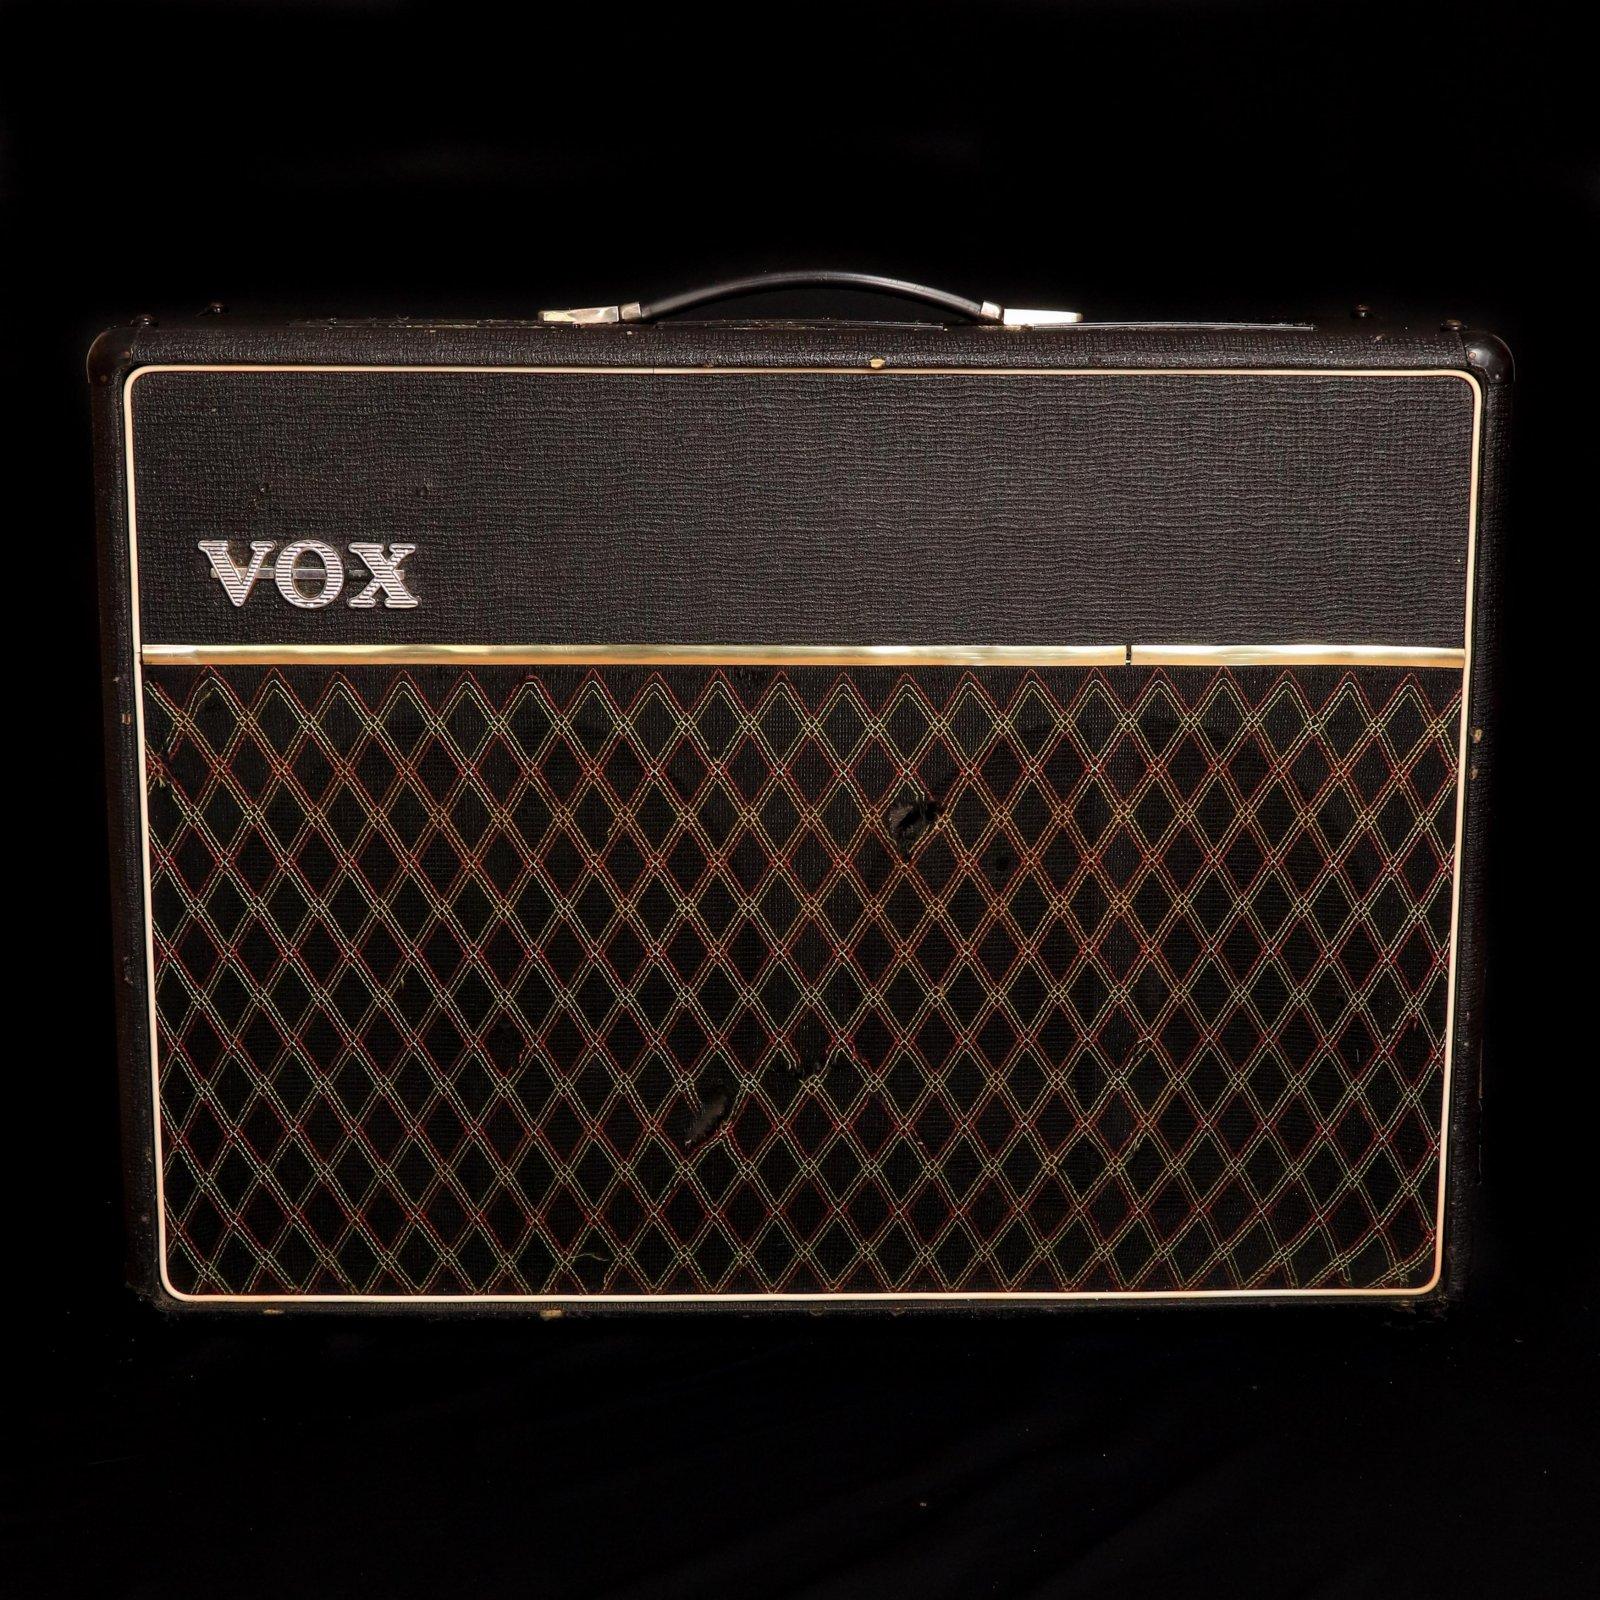 Vox AC-30/6